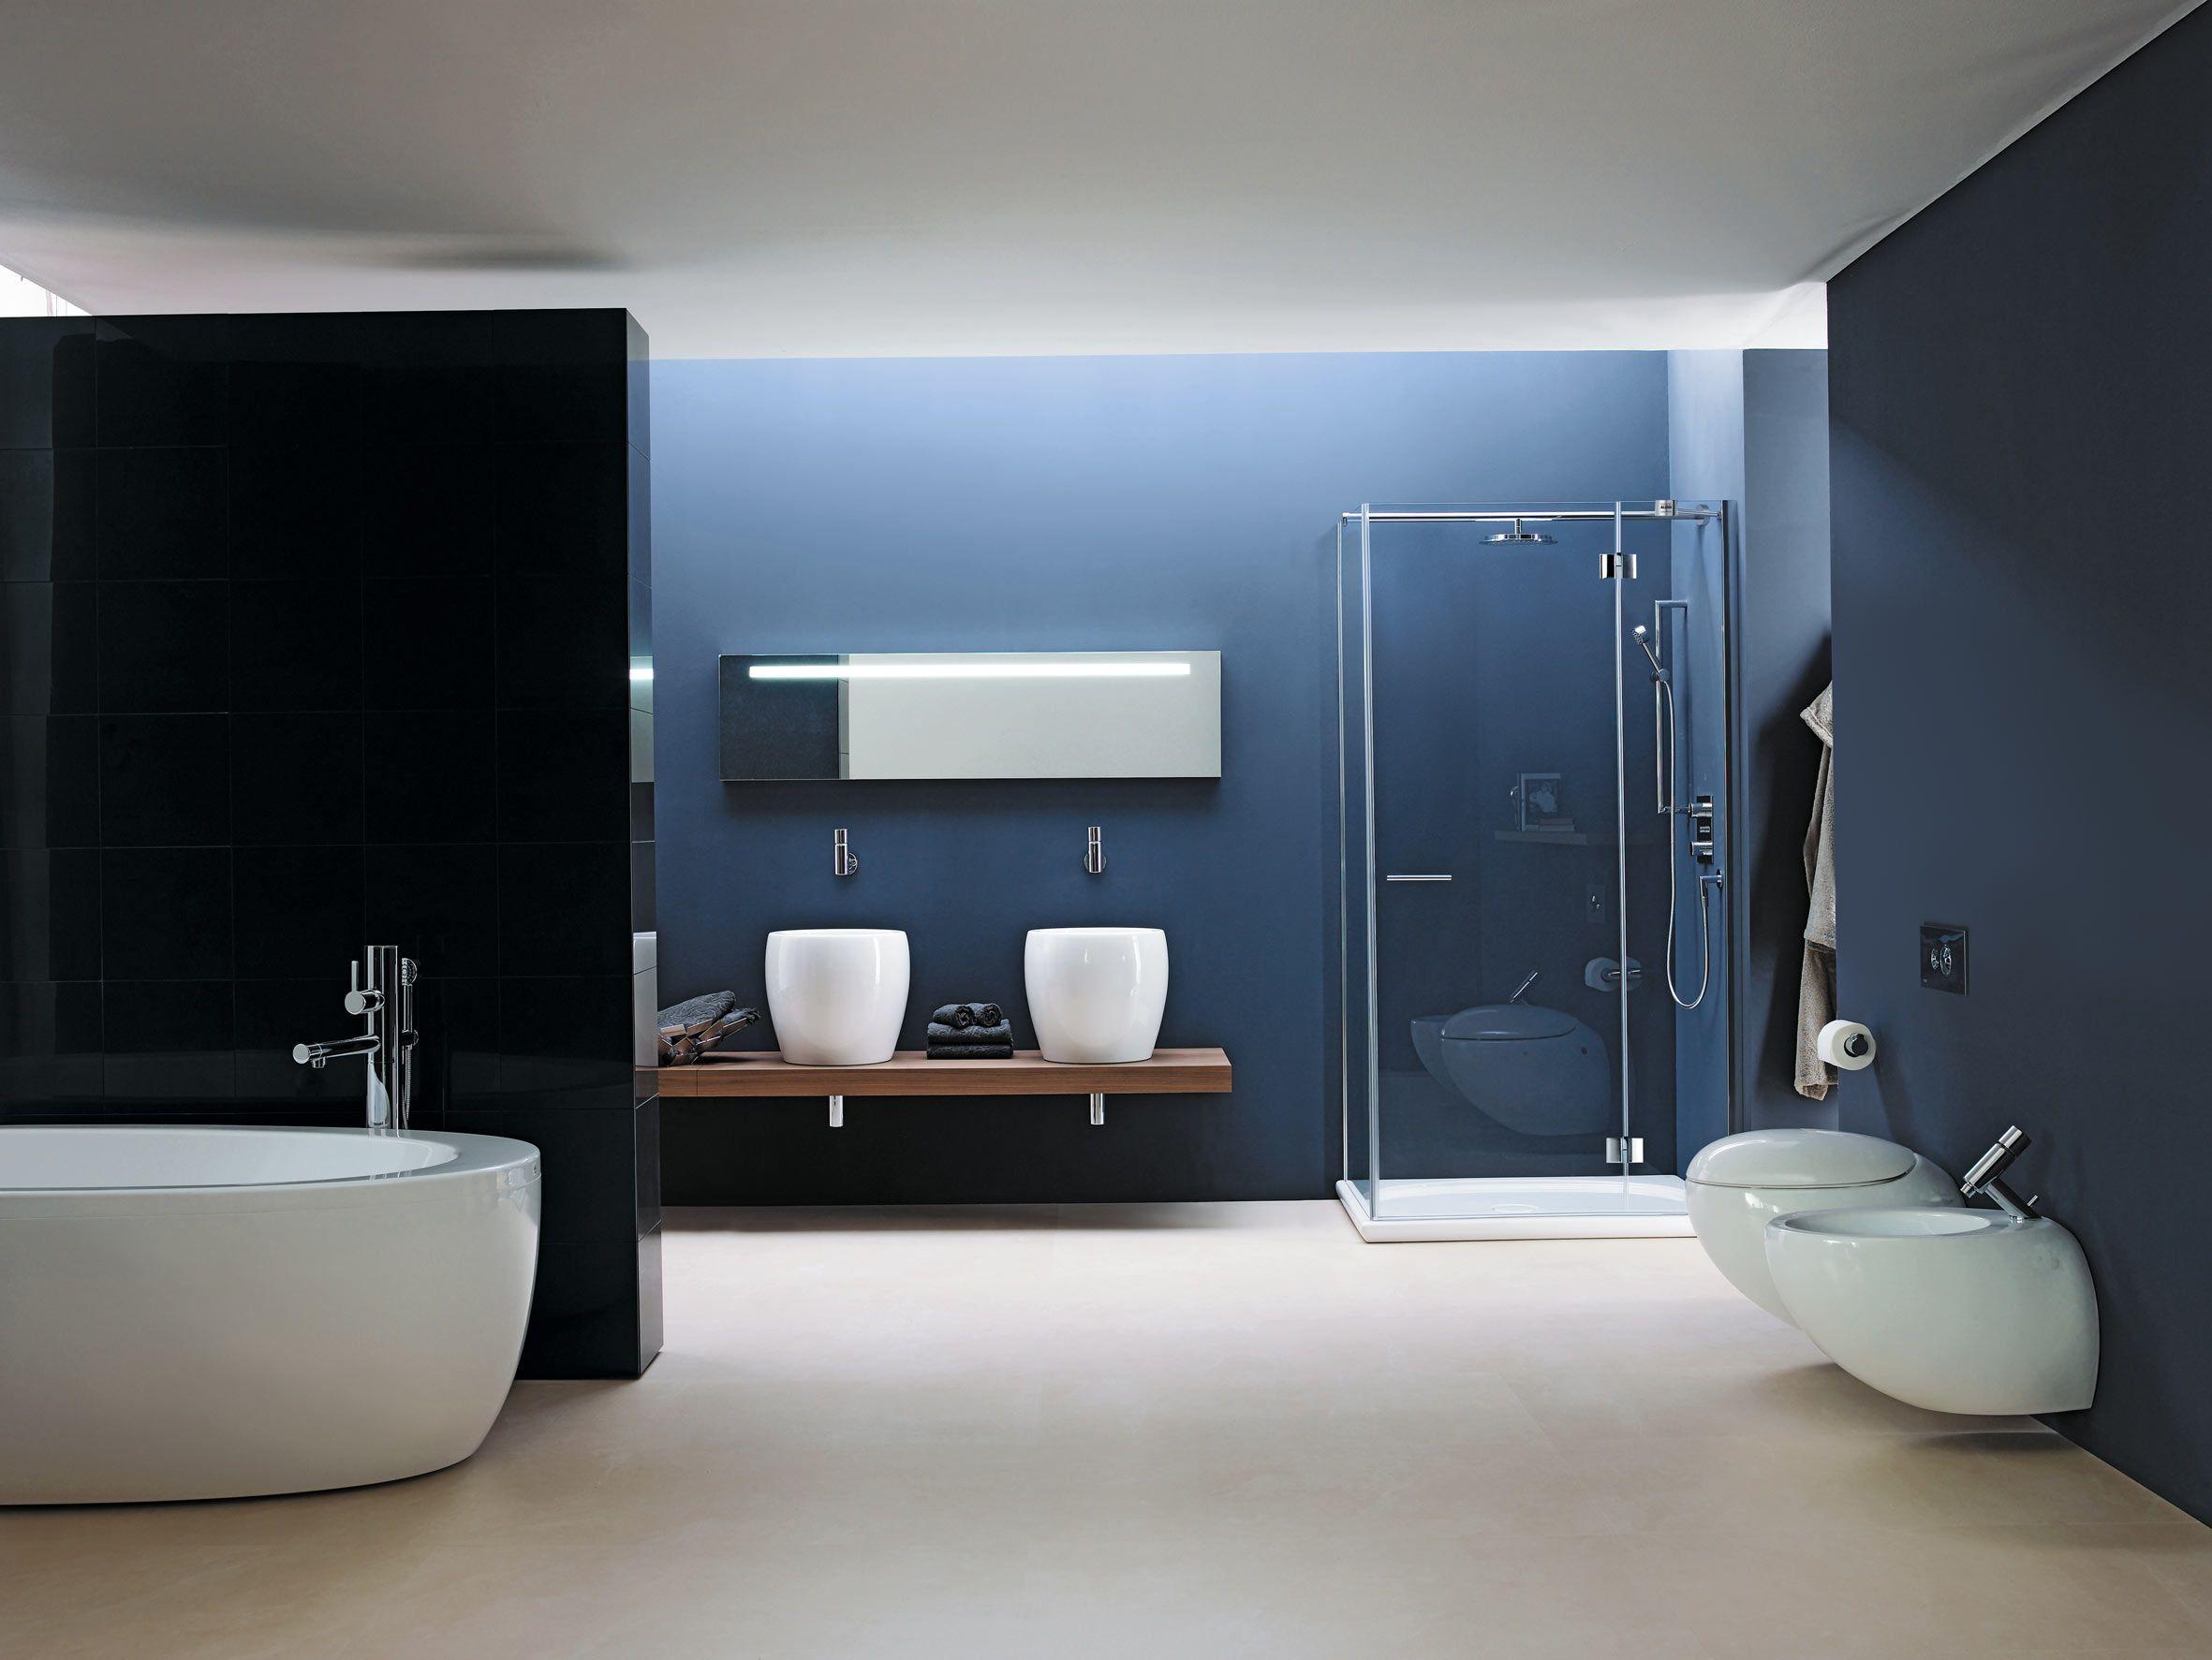 Toilette bagno ~ Risultati immagini per bagno con vasca sotto finestra casa